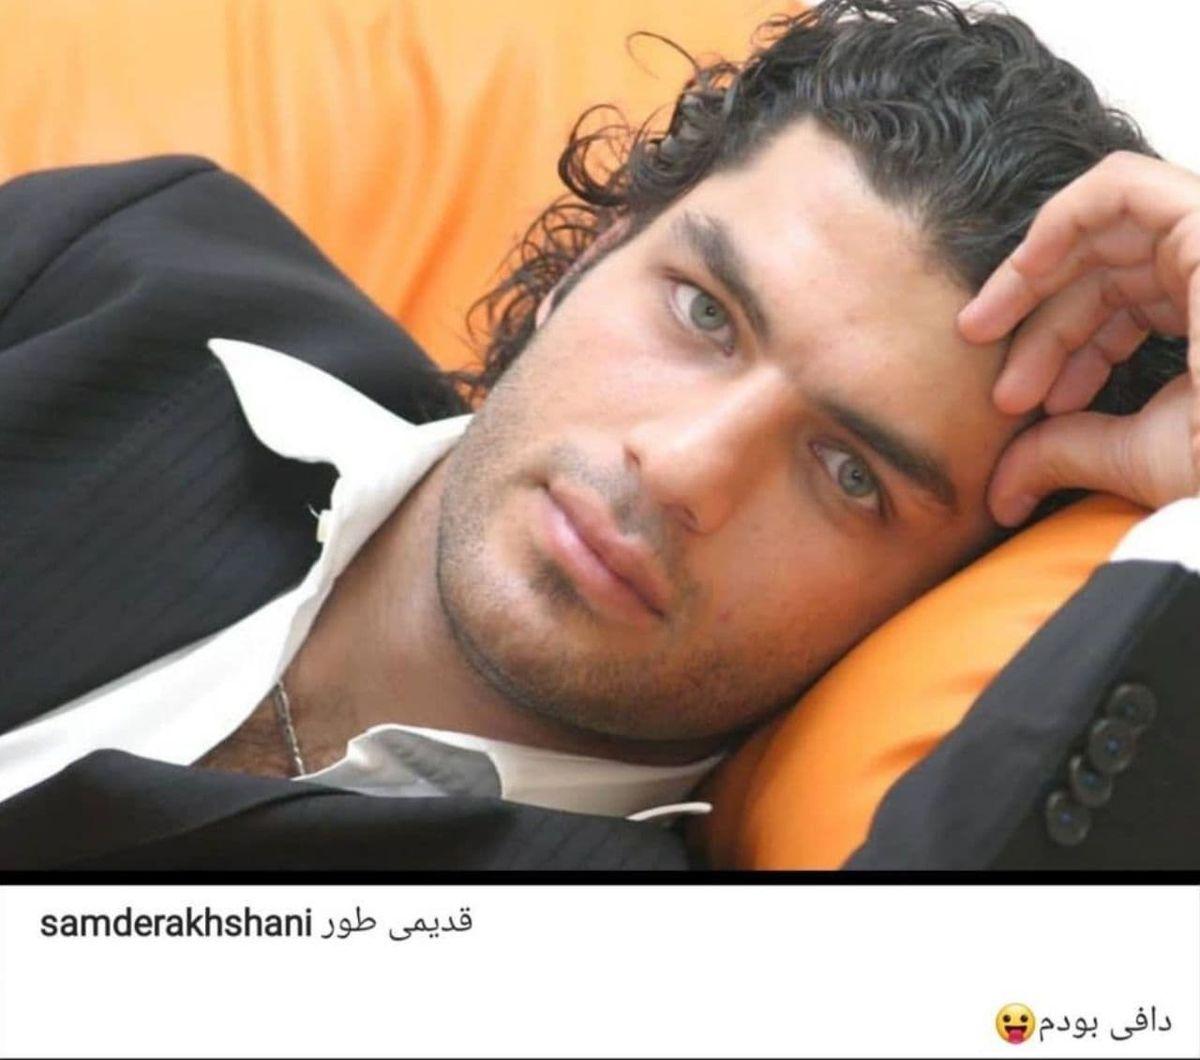 عکسی خفن و دیده نشده از دوران جوانی سام درخشانی بازیگر معروف مرد